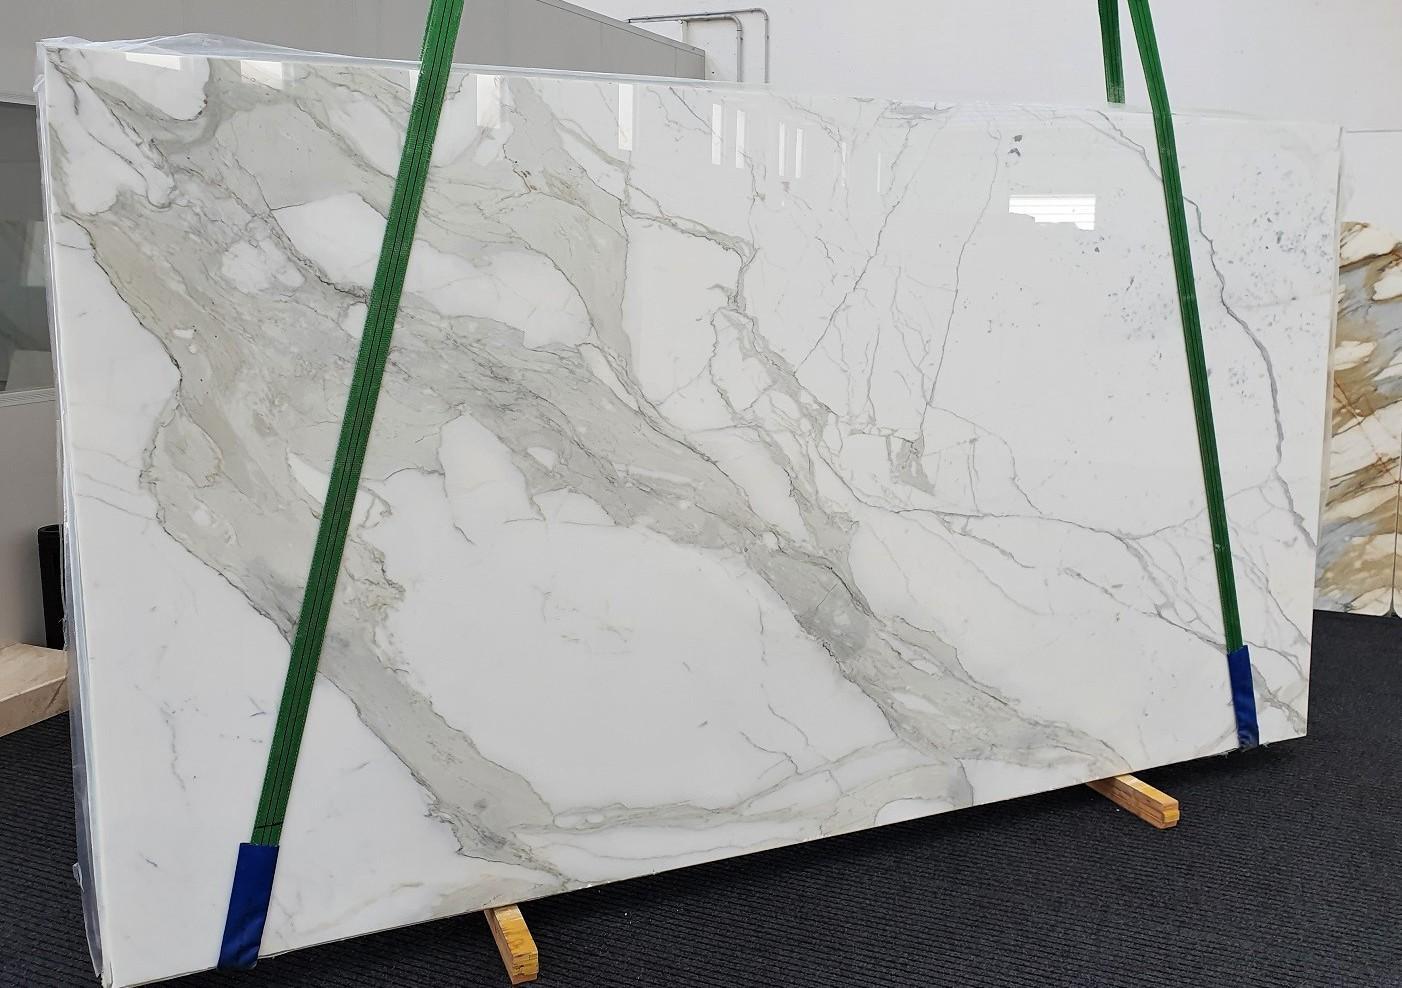 CALACATTA ORO EXTRA Fourniture Veneto (Italie) d' dalles brillantes en marbre naturel 1366 , Slab #54